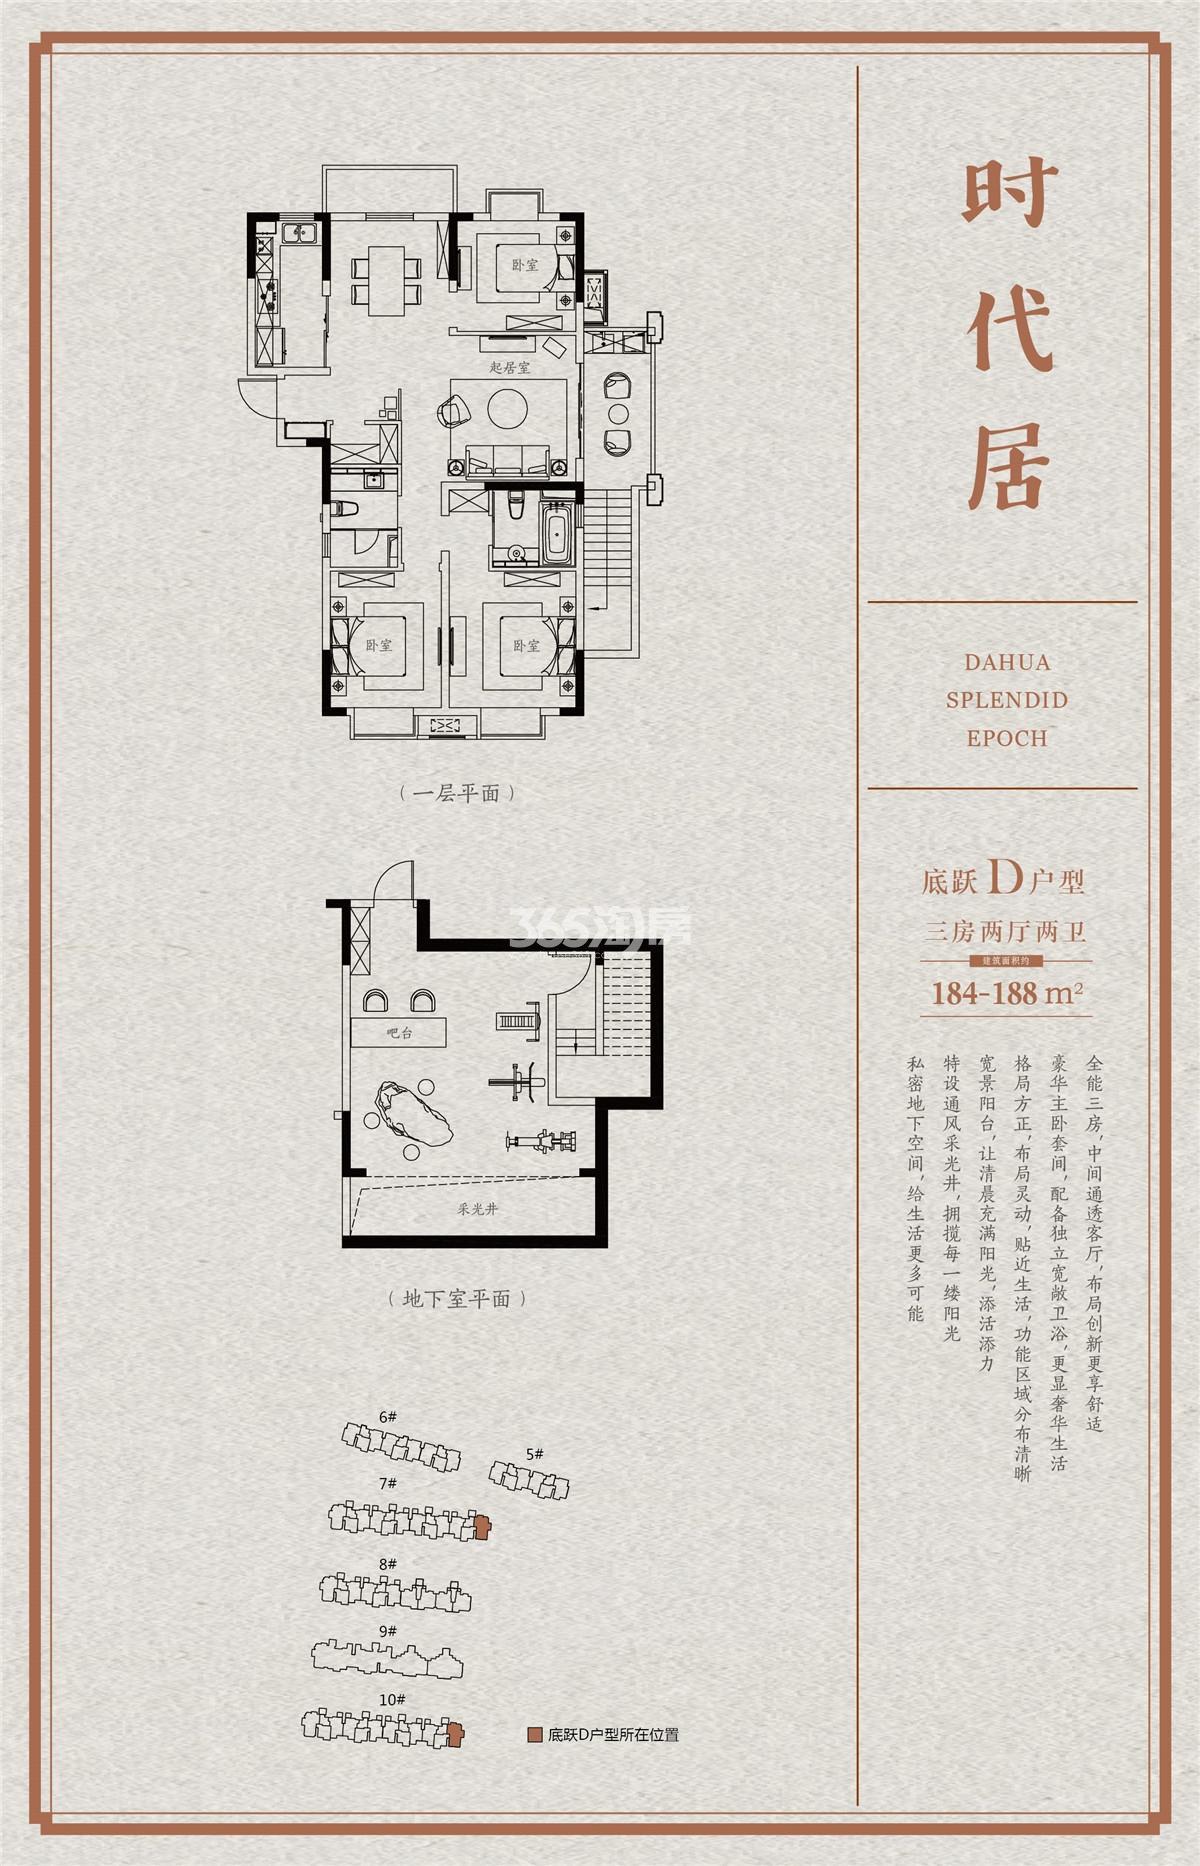 大华锦绣时代时代居184-188㎡底跃D户型